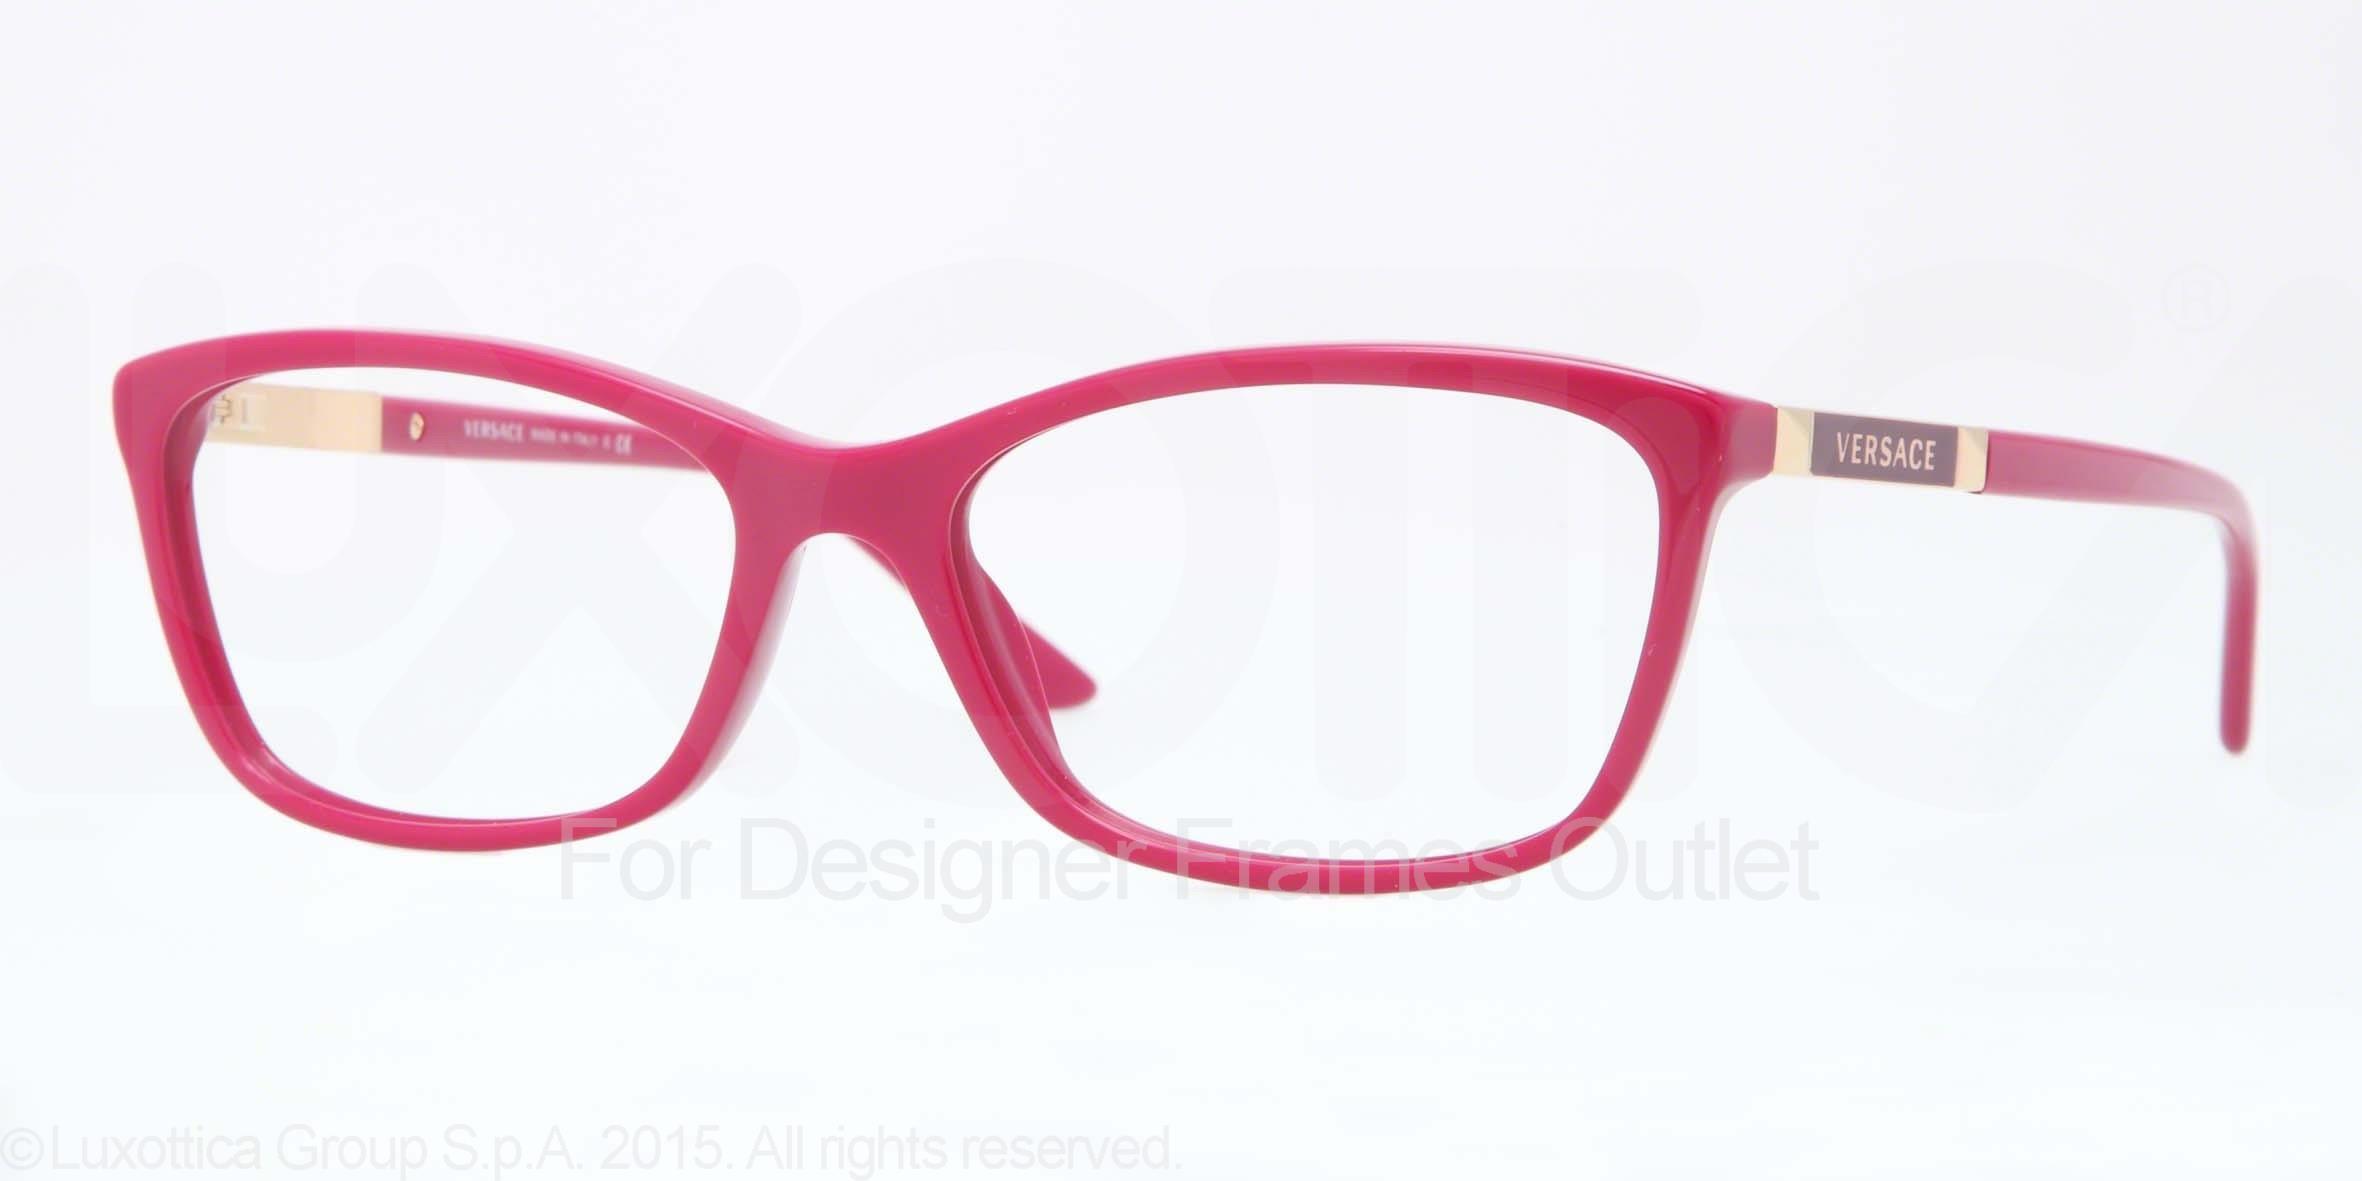 27bb186df561 Designer Frames Outlet. Versace VE3186